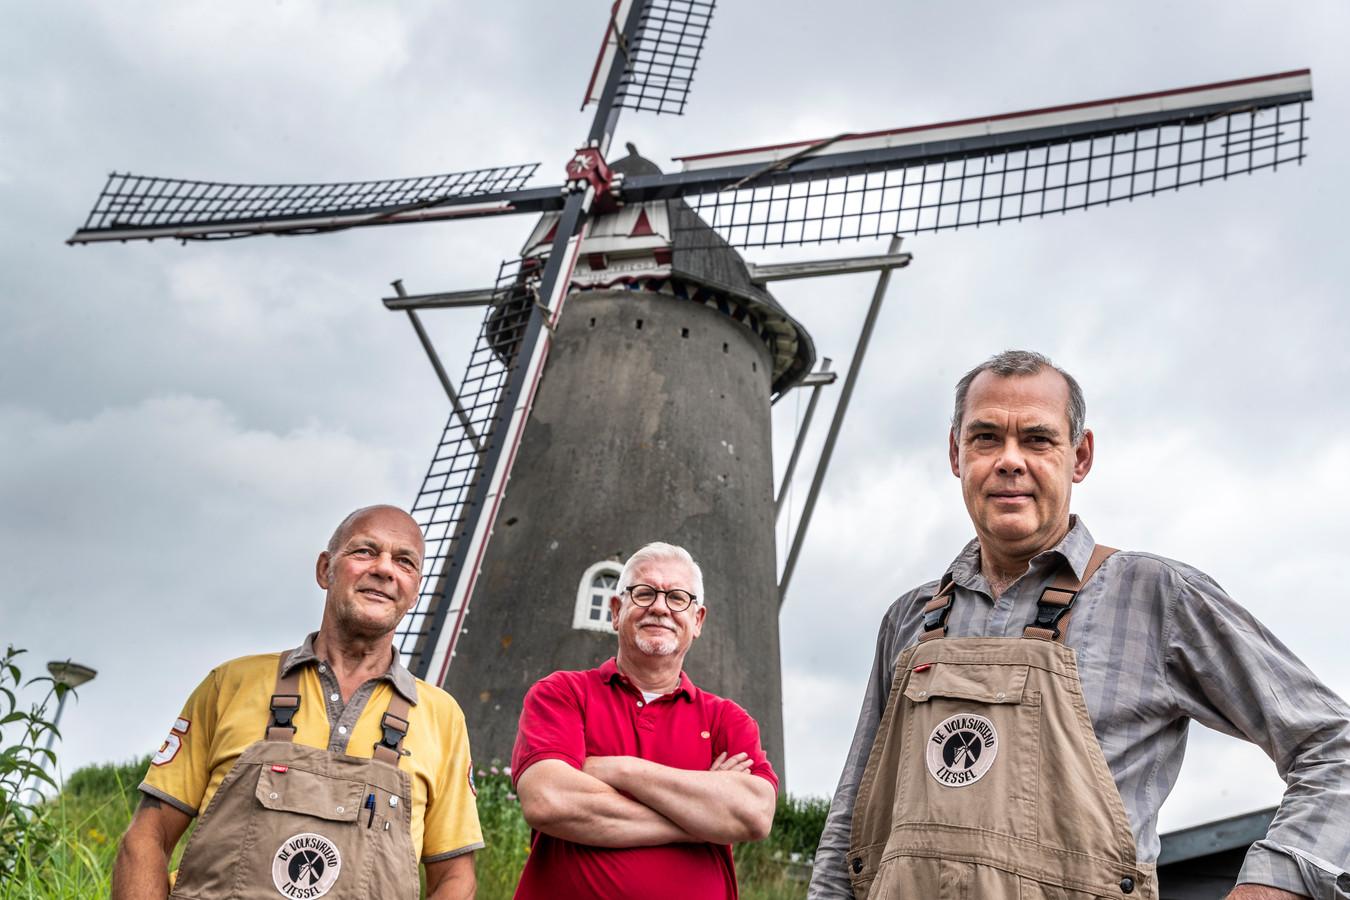 Alle molenaars op een rij, vlnr: Hans Verbeek, Peter Rongen en Toon van de Weijer.